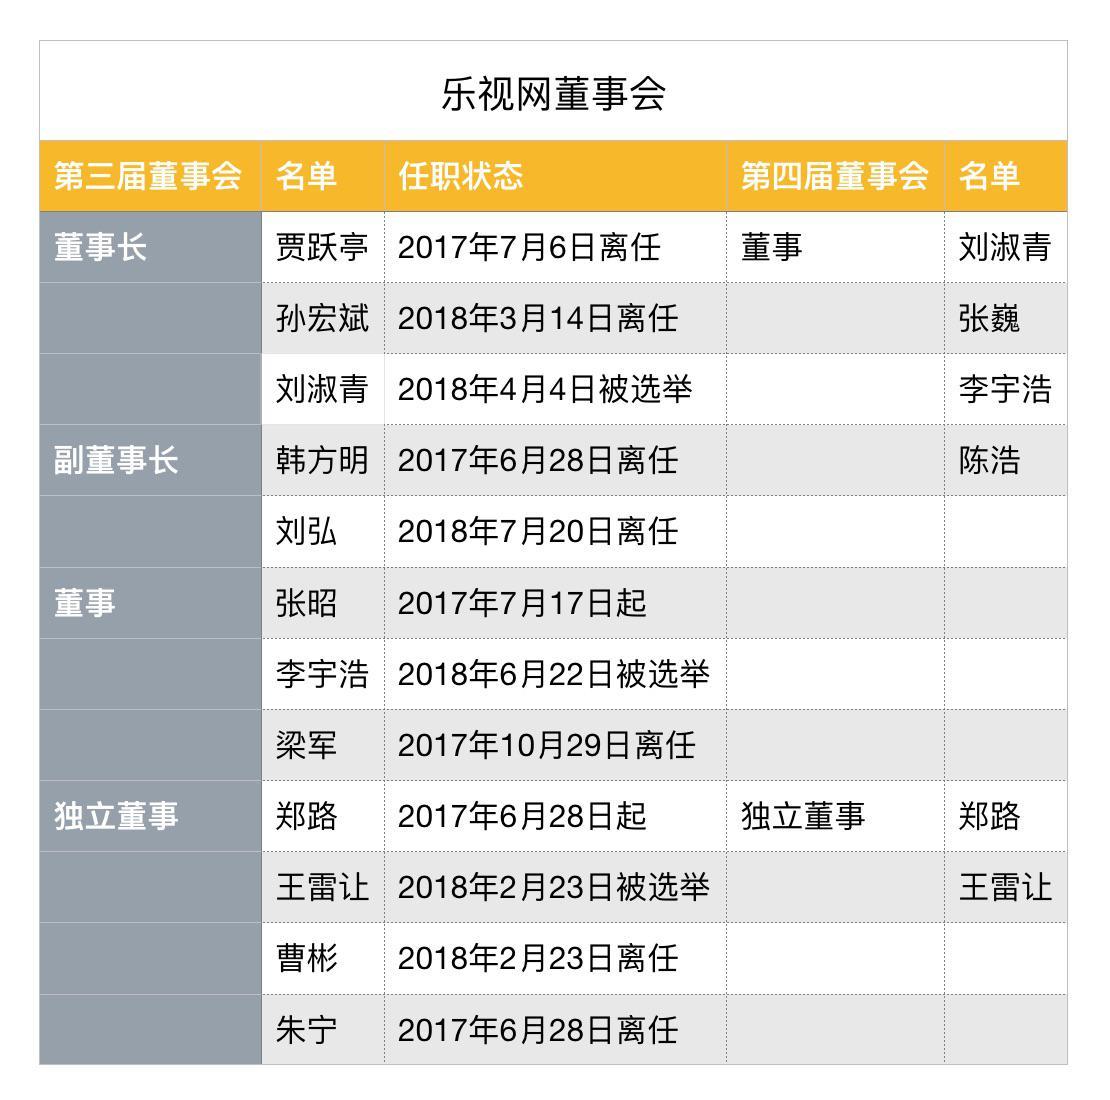 贾跃亭和恒大争夺FF是否影响偿债?乐视网:不能判断